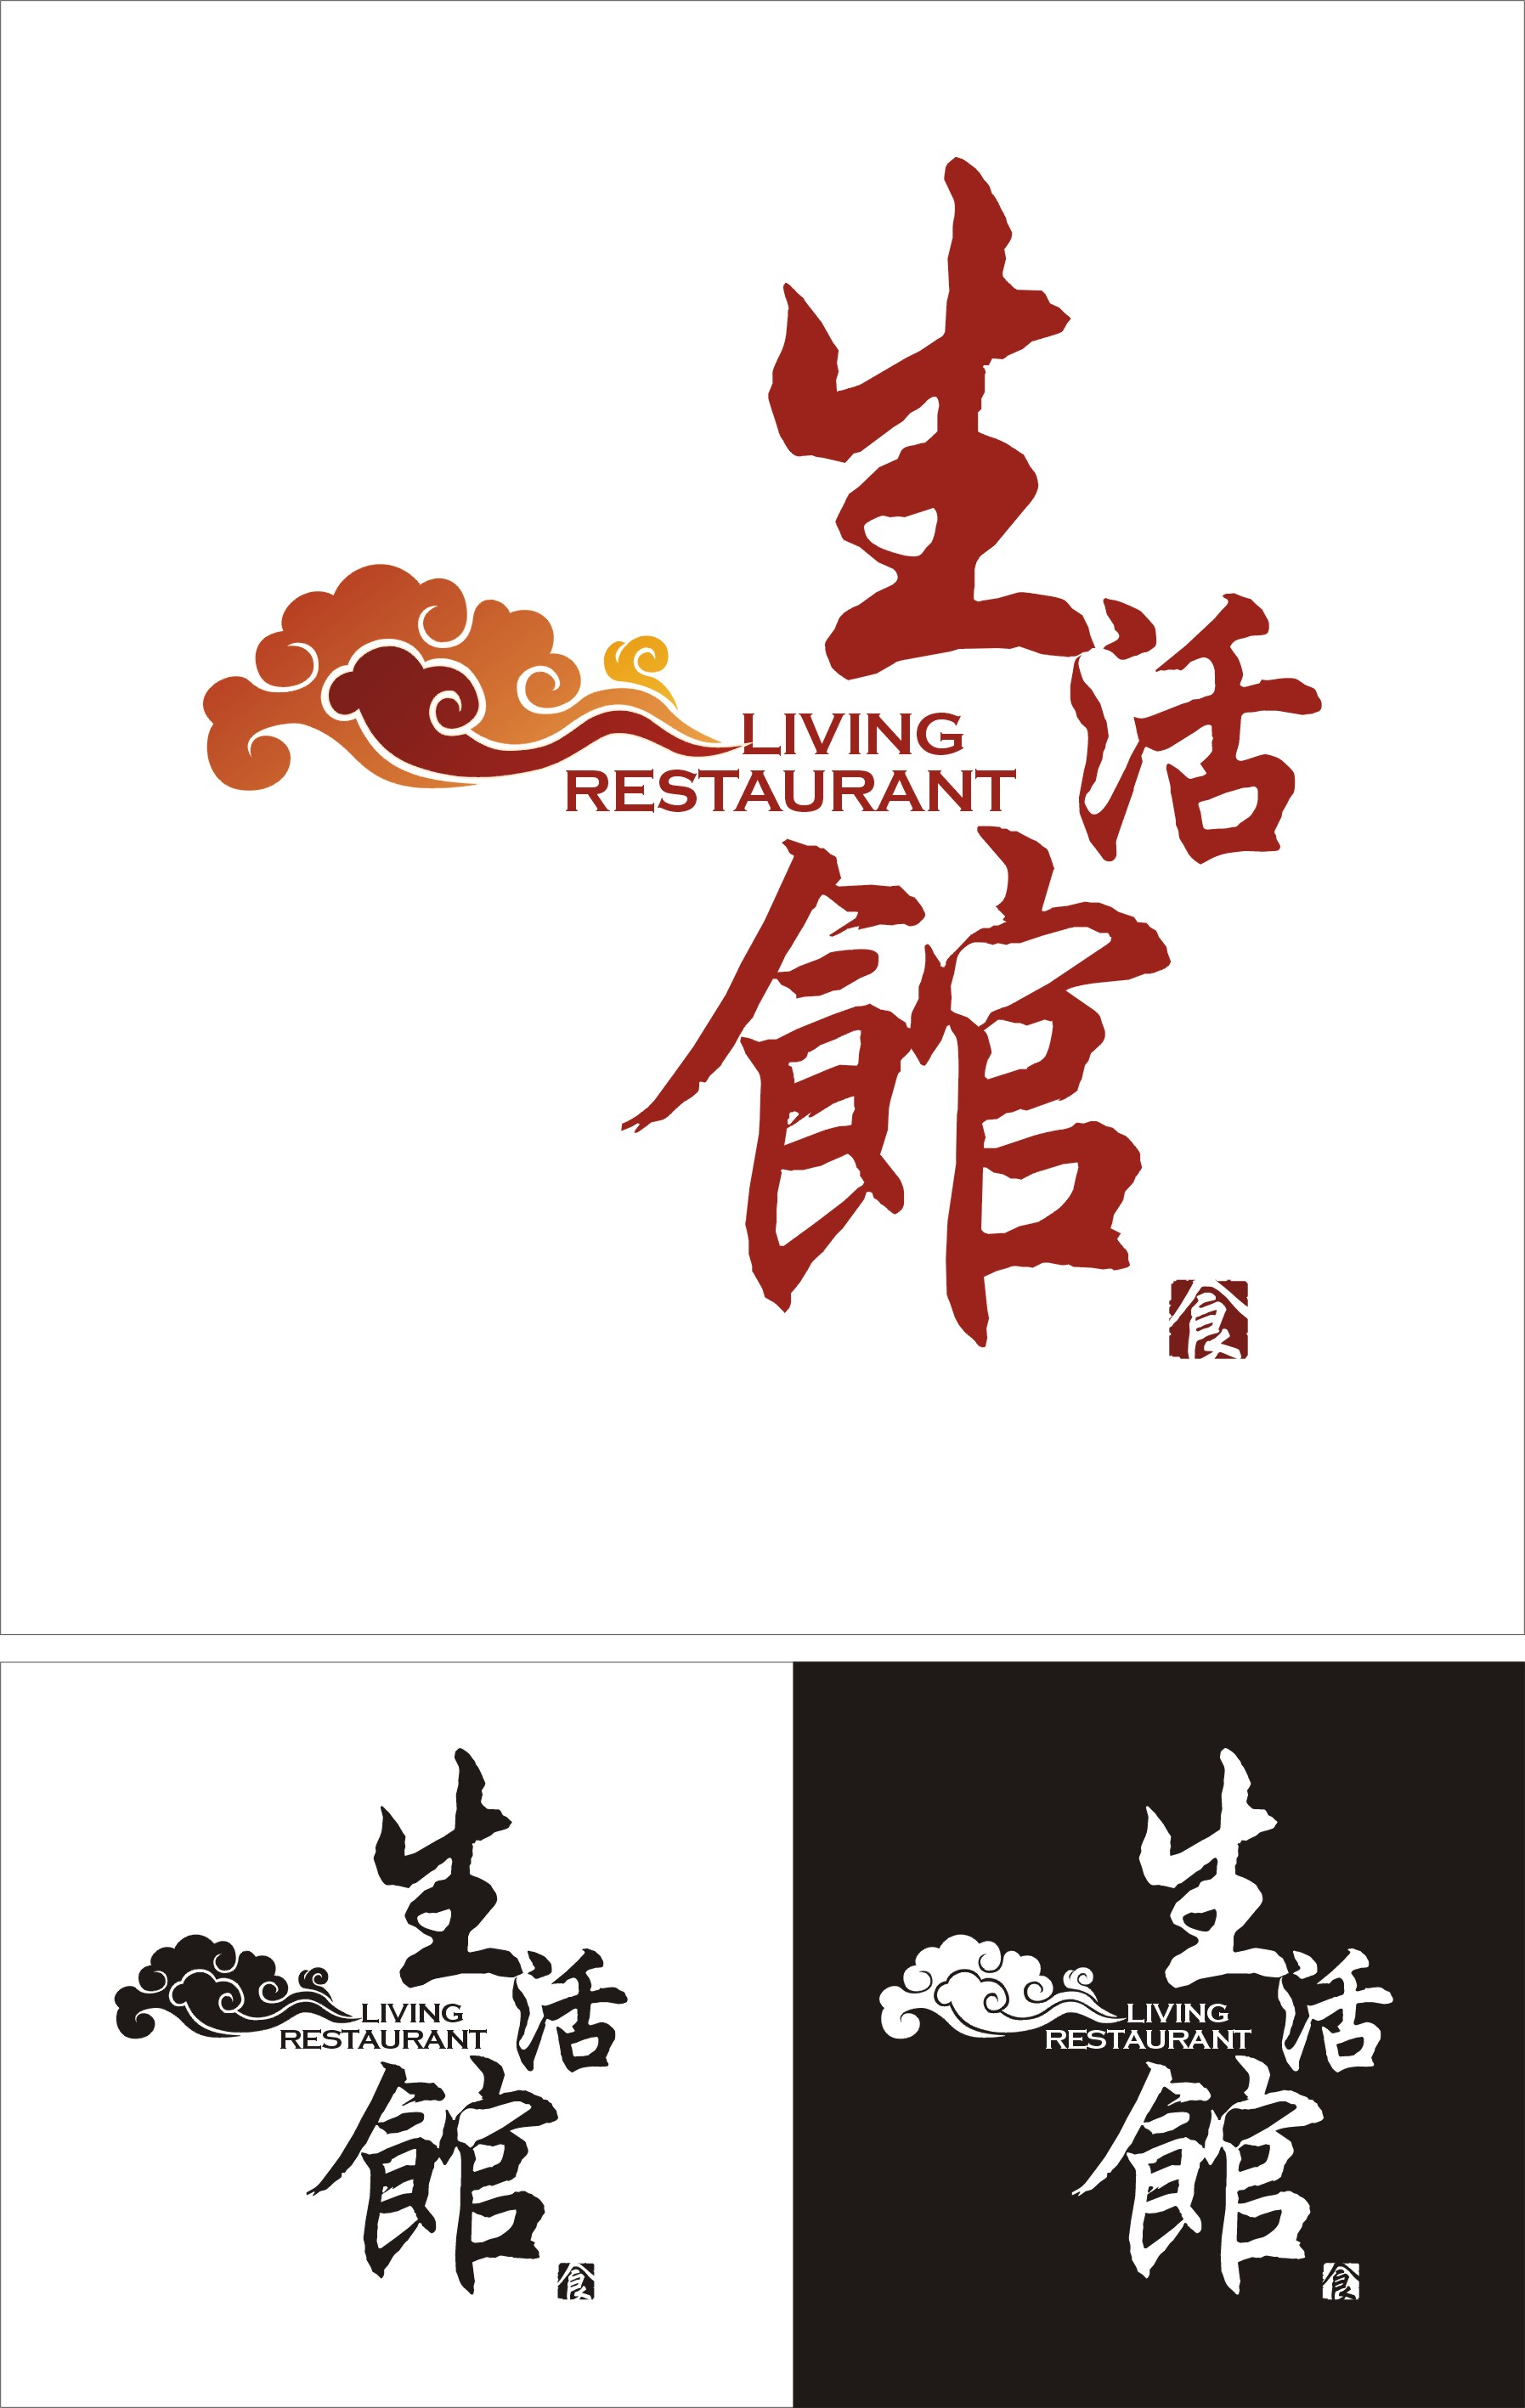 生活馆-时尚概念餐厅logo设计(30/8)_1294206_k68威客网